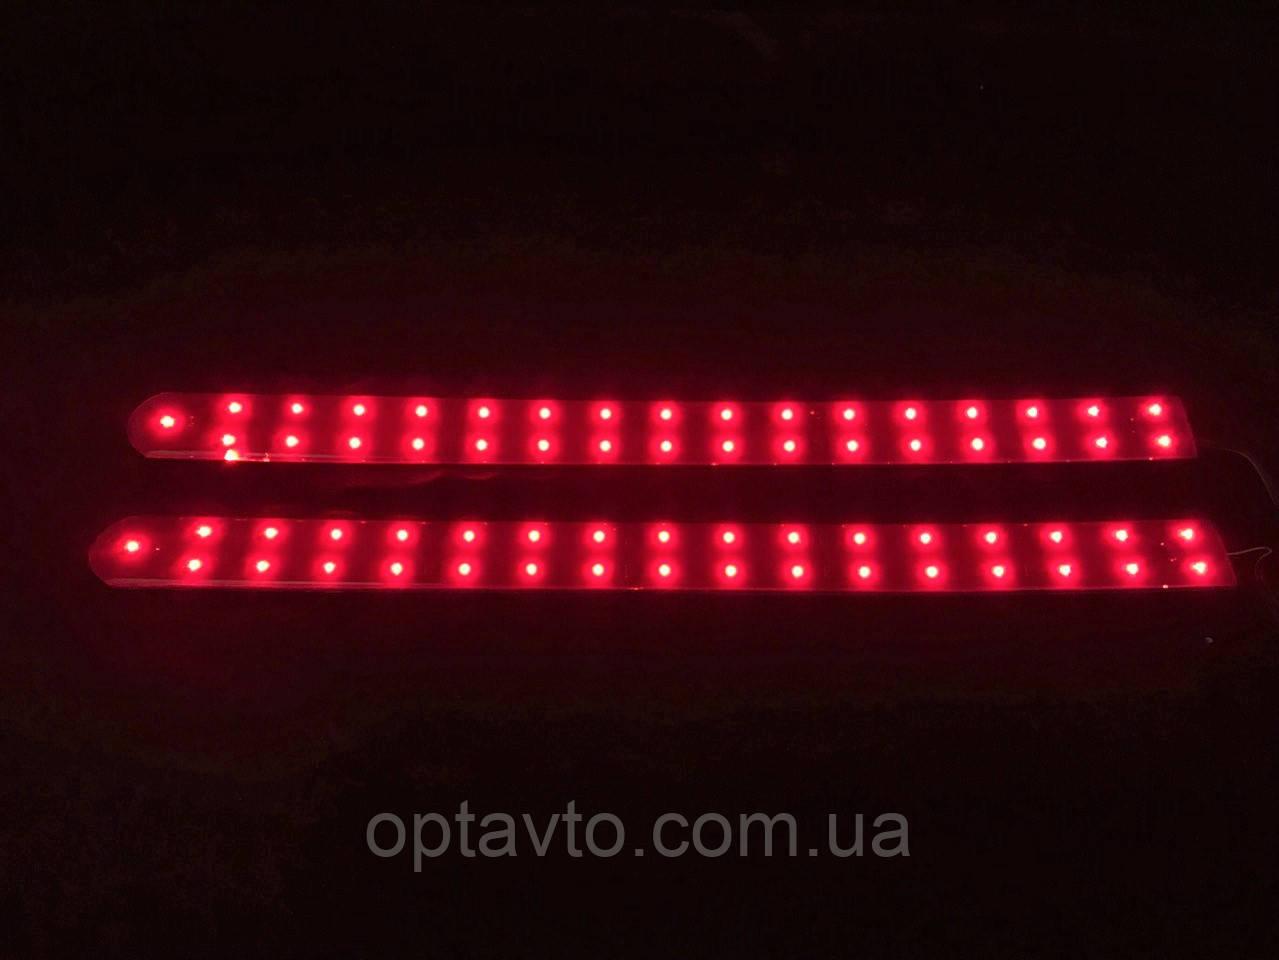 Дополнительные диодные автомобильные стоп сигналы, две полосы, 66 диодов